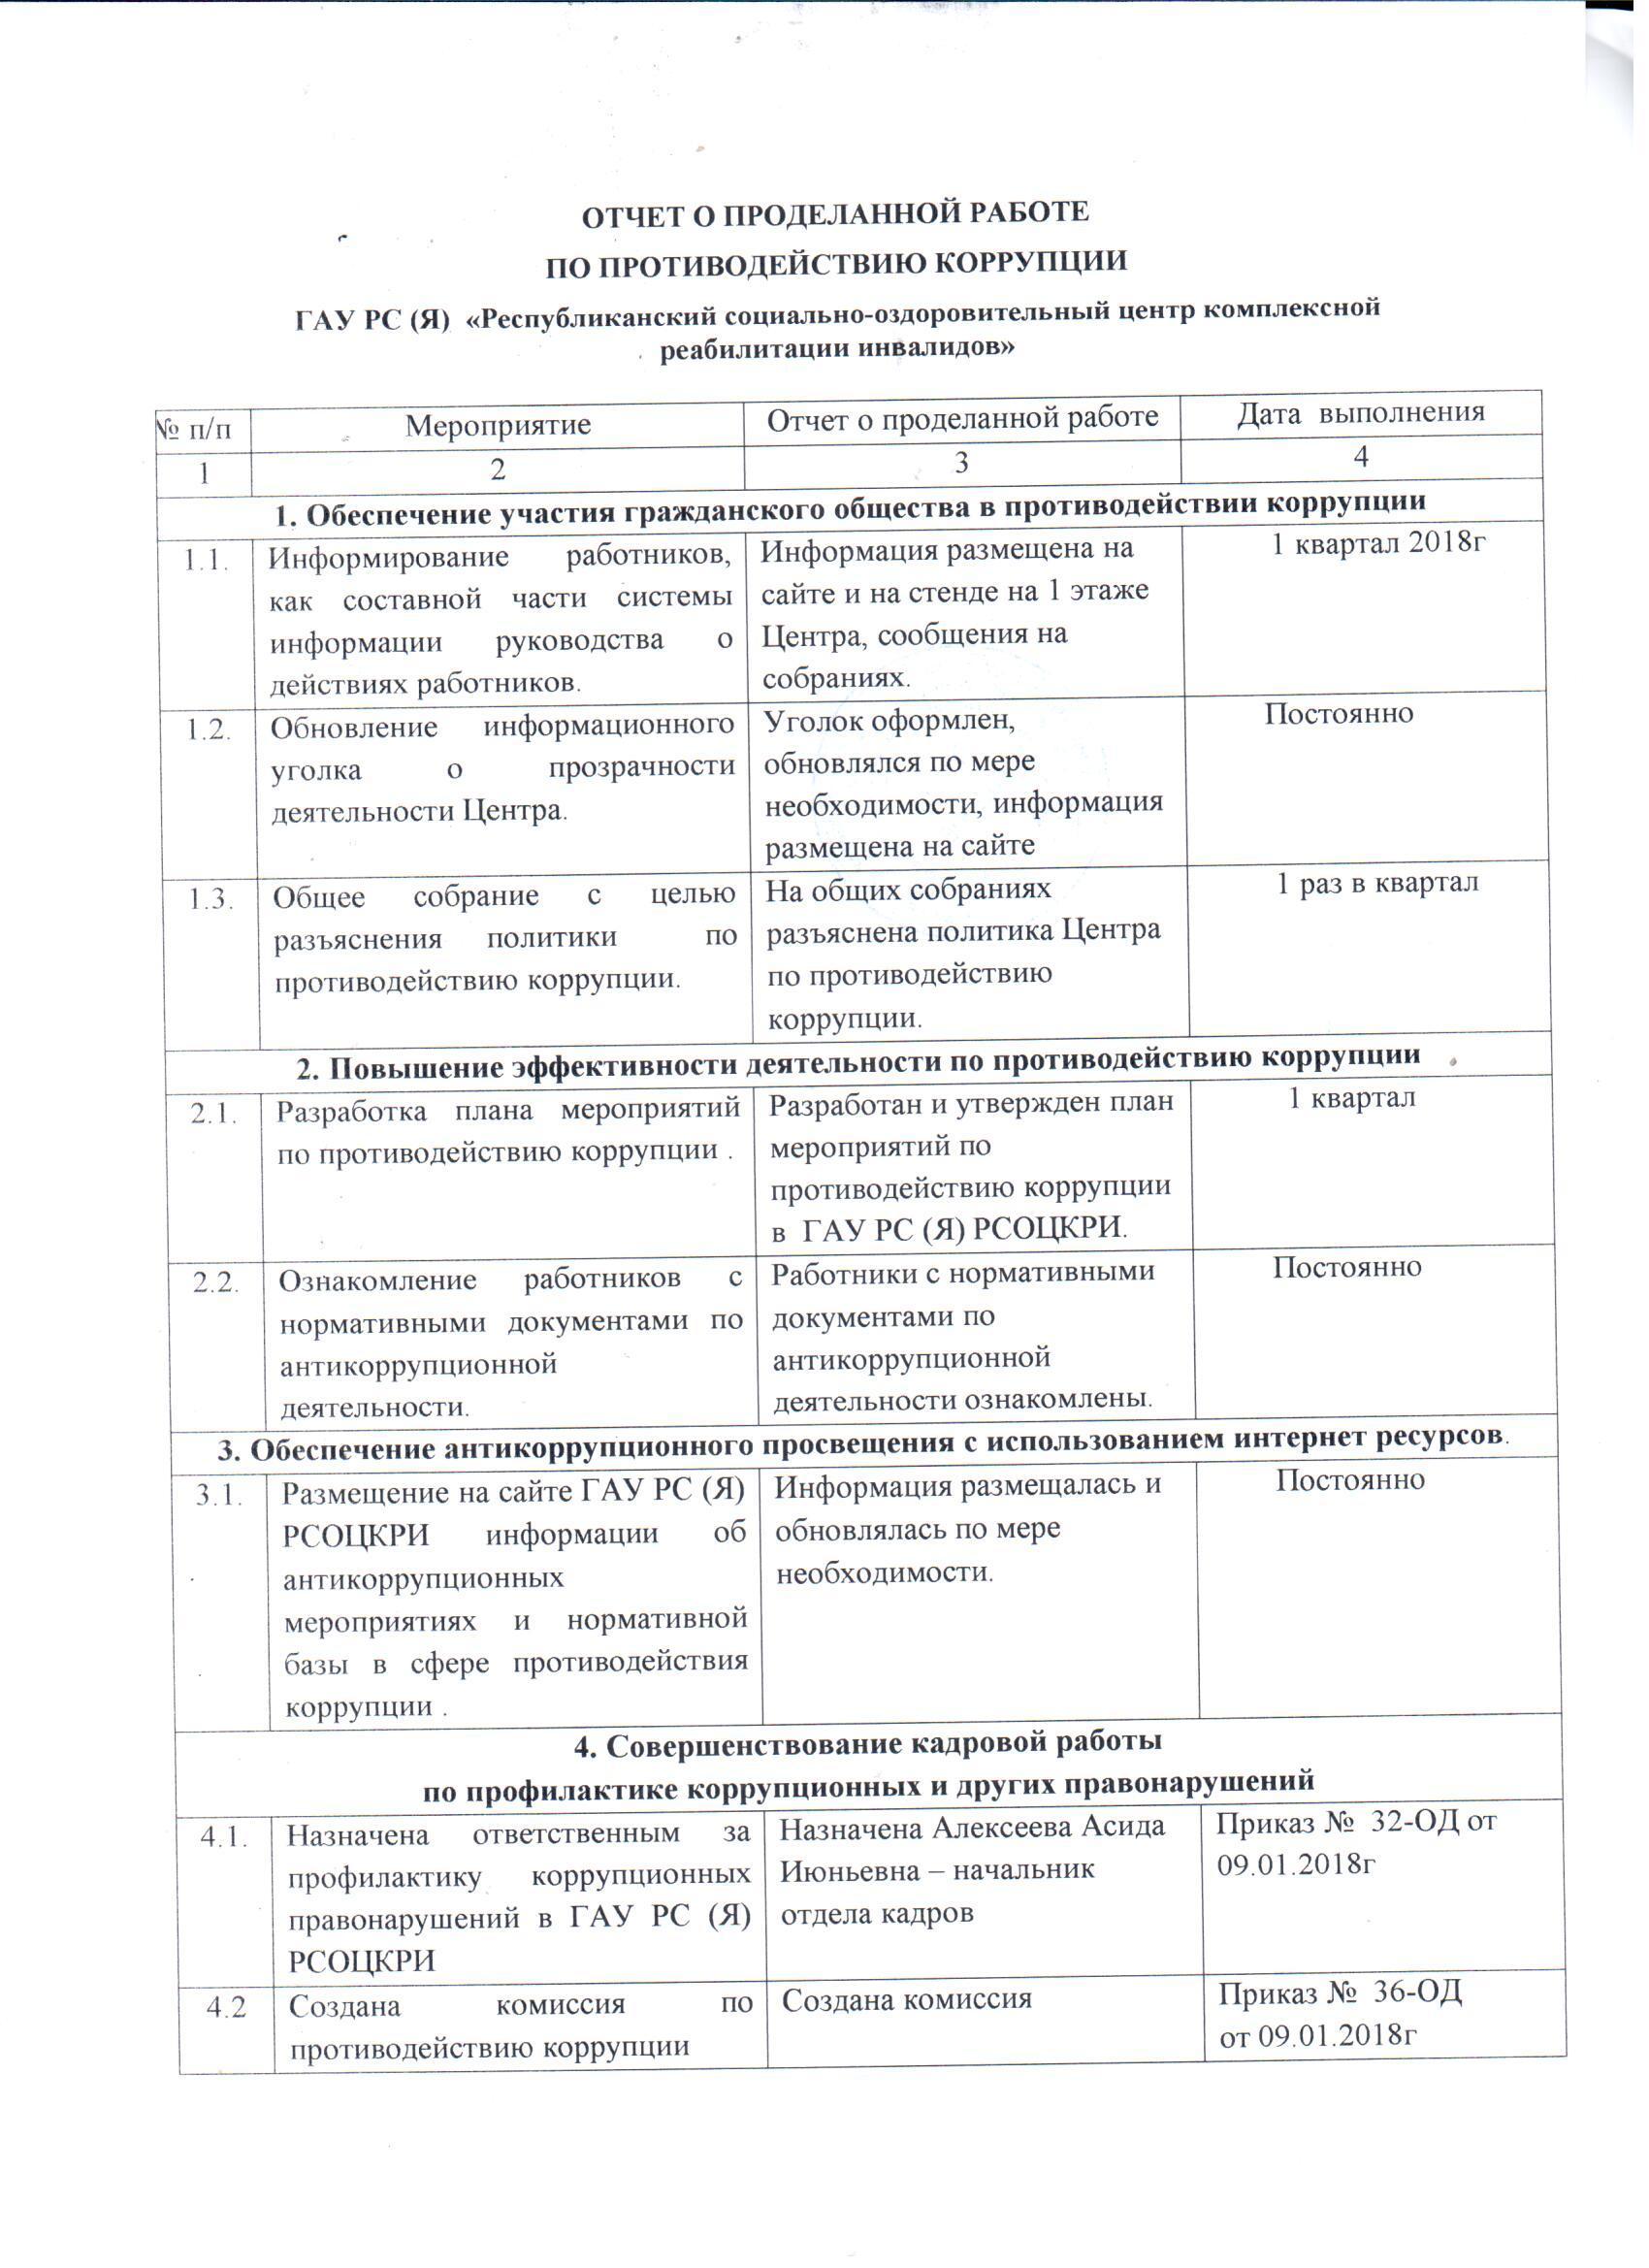 Отчет корр.19.07 - 1